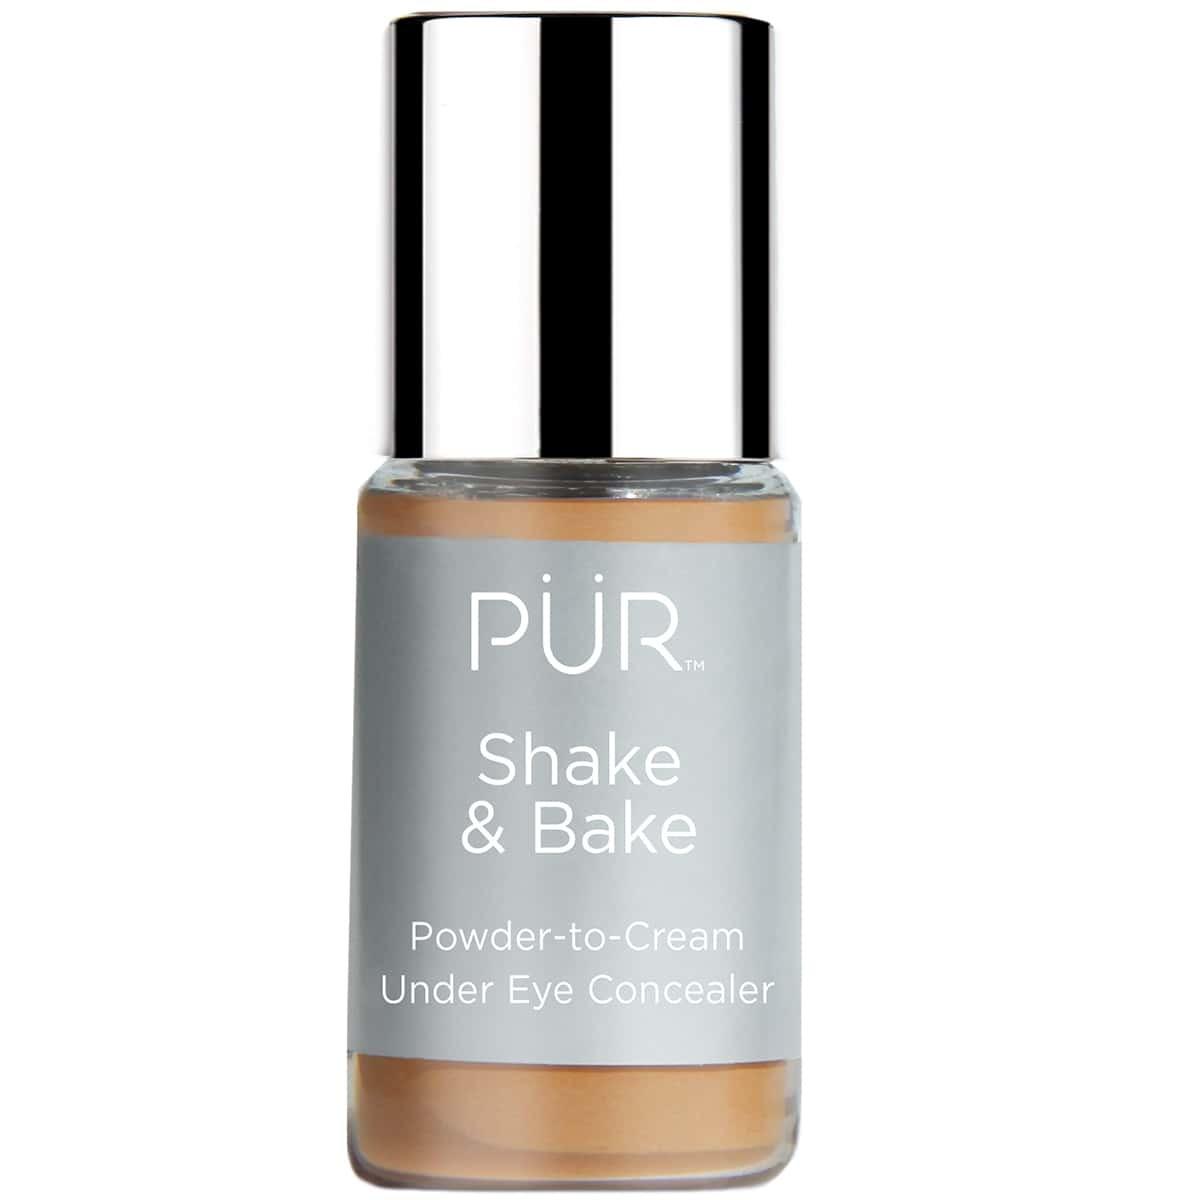 Shake & Bake Powder-to-Cream Under Eye Concealer in Dark